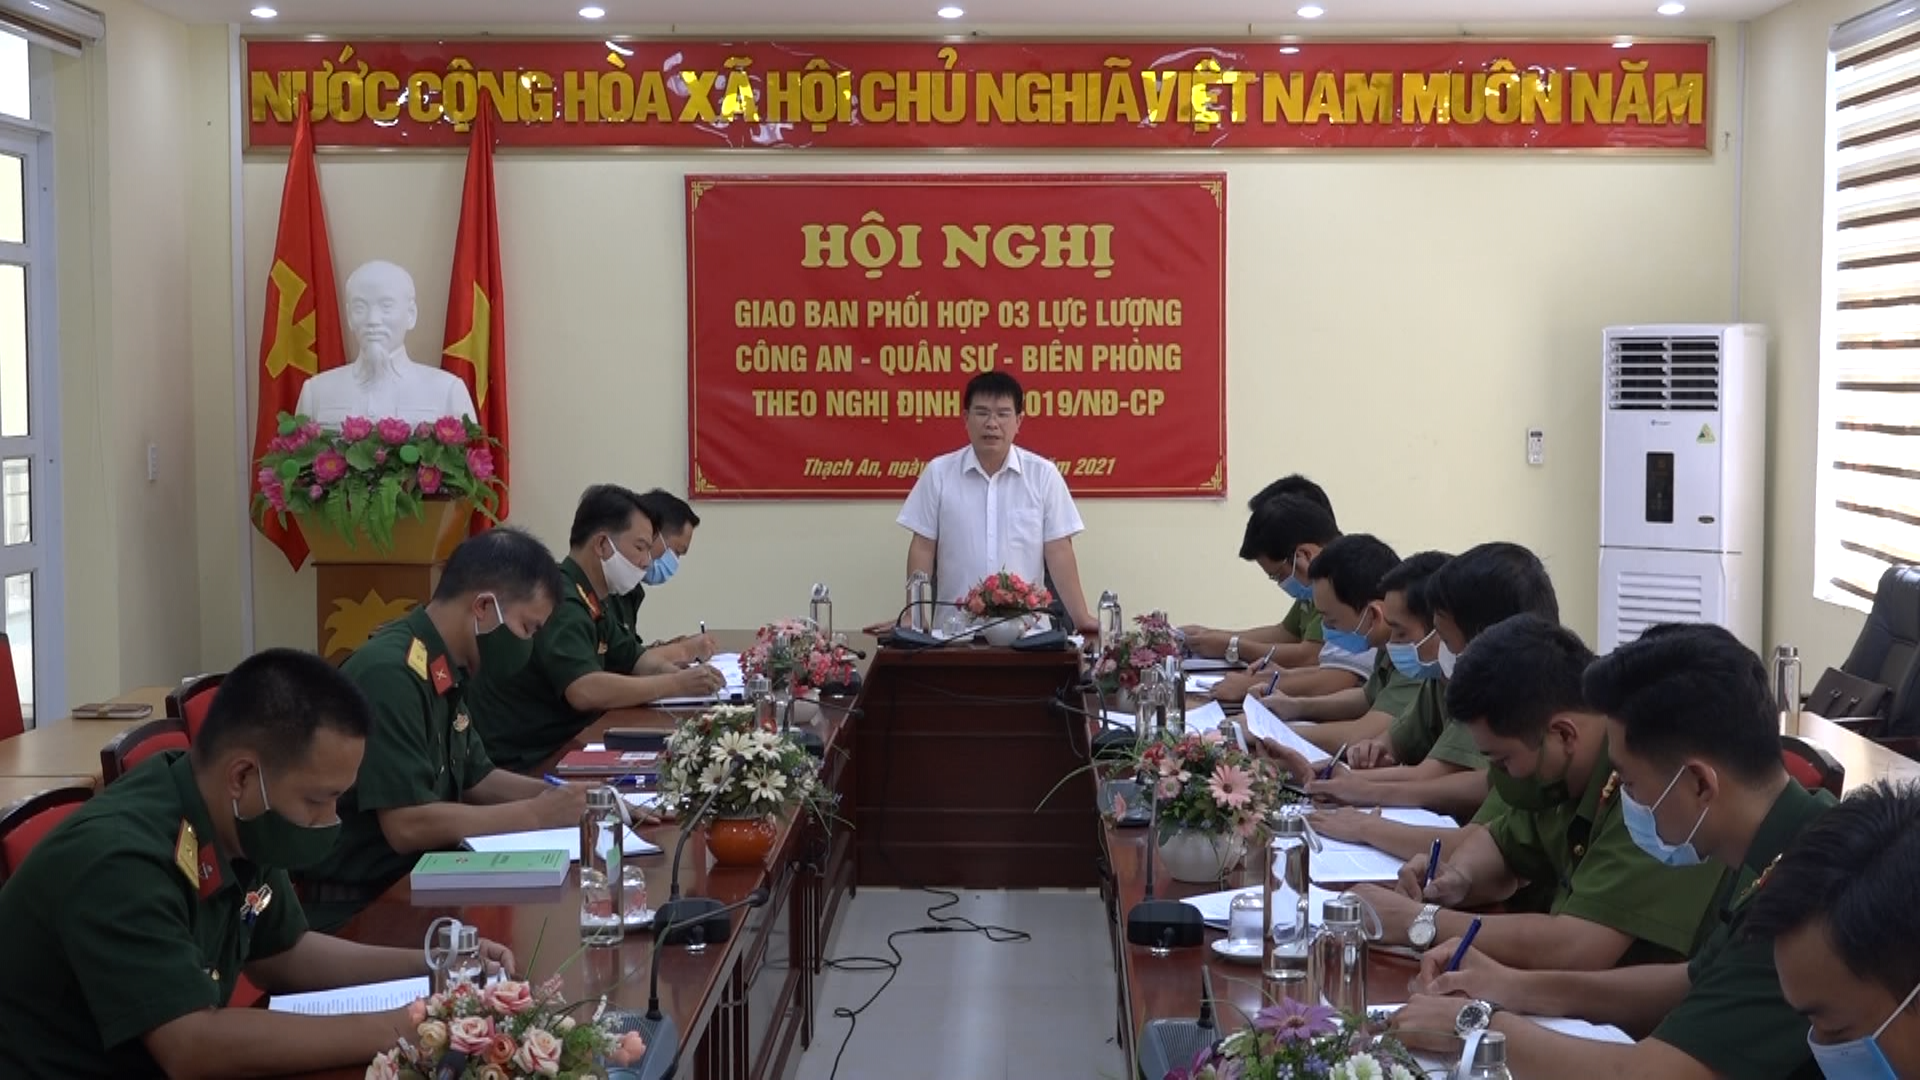 Thạch An: Giao ban phối hợp 3 lực lượng Công an - Quân sự - Biên phòng